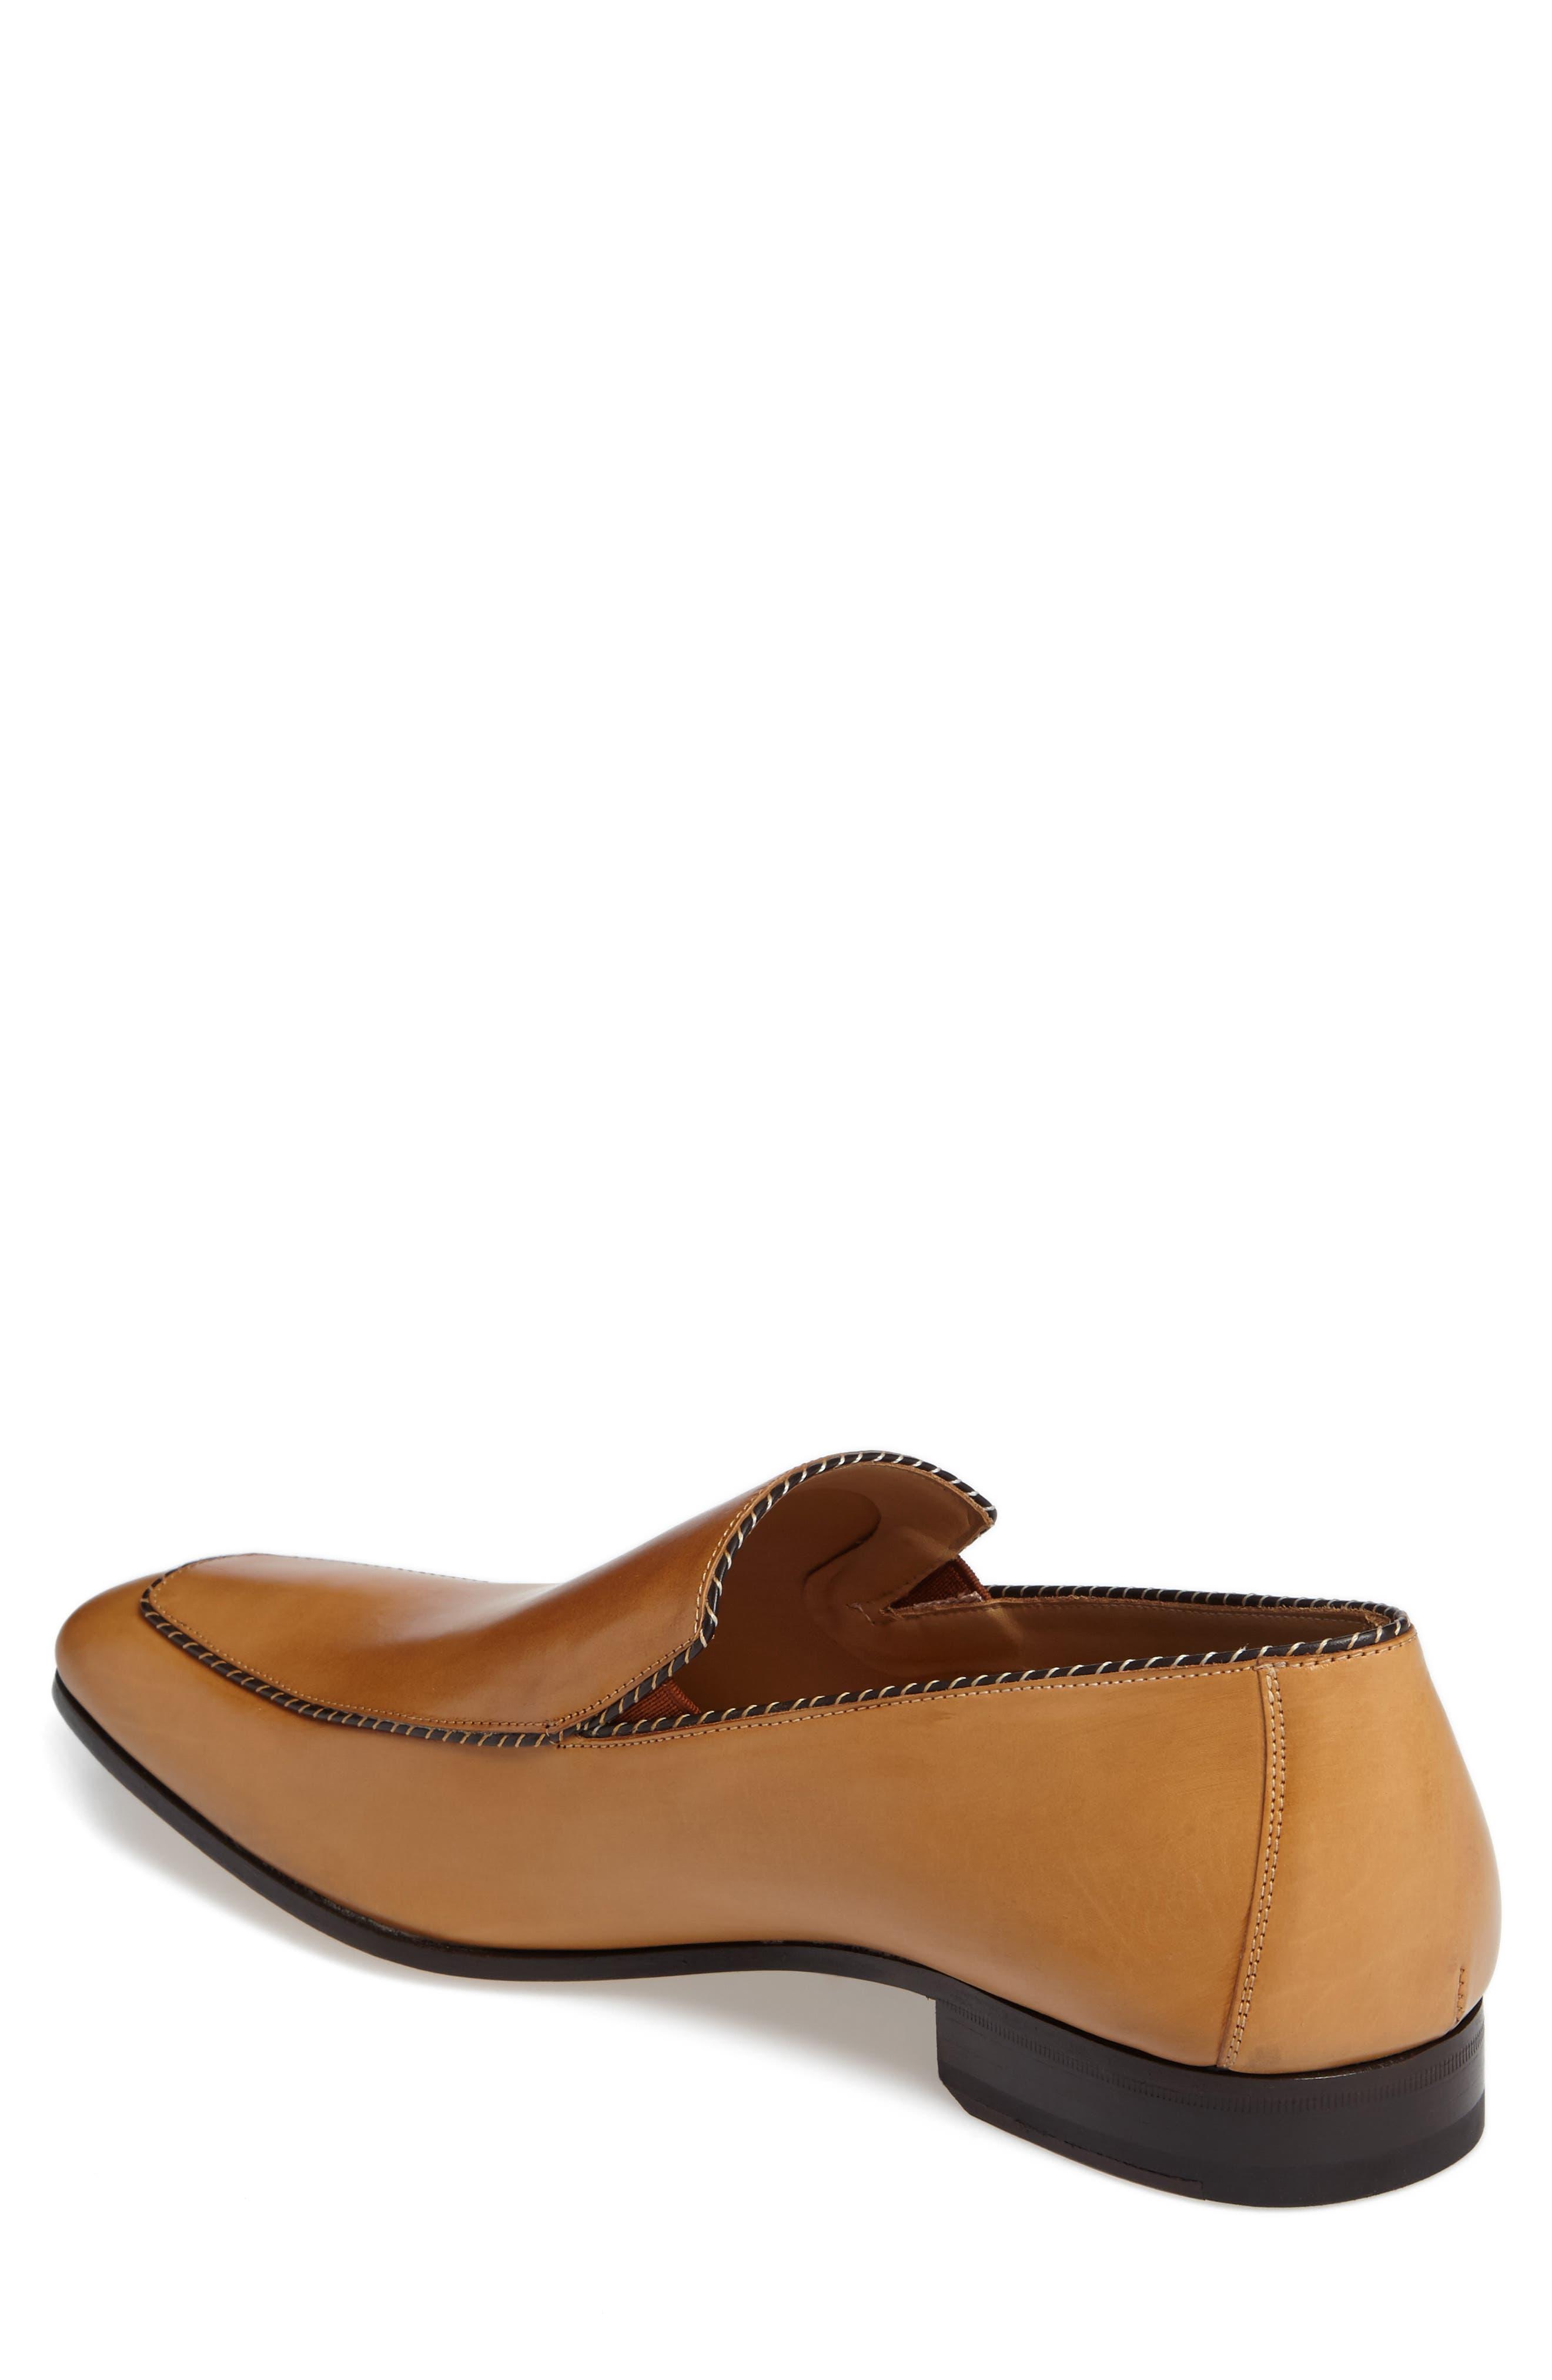 Alternate Image 2  - Mezlan Brandt Venetian Loafer (Men)